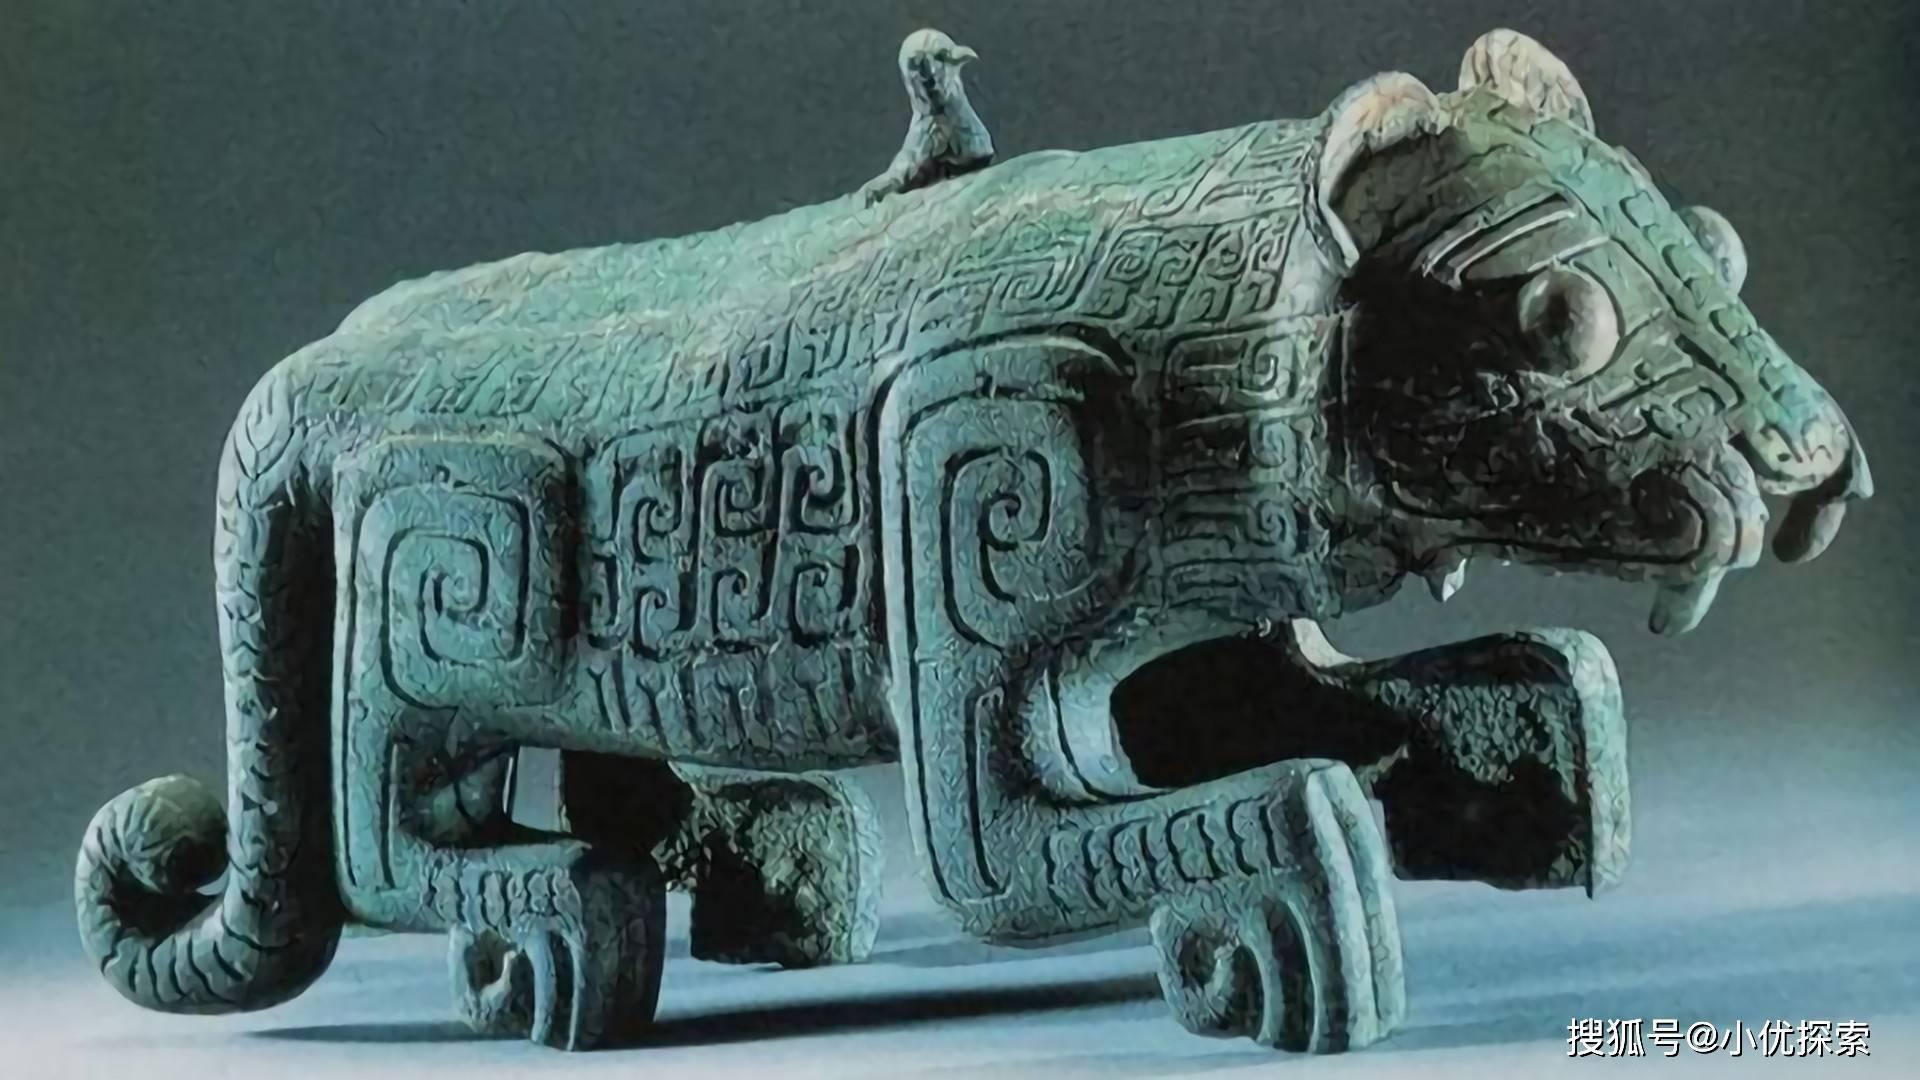 神秘的苏美尔文明,人类已知最古老文明,强大的文明为何陨落